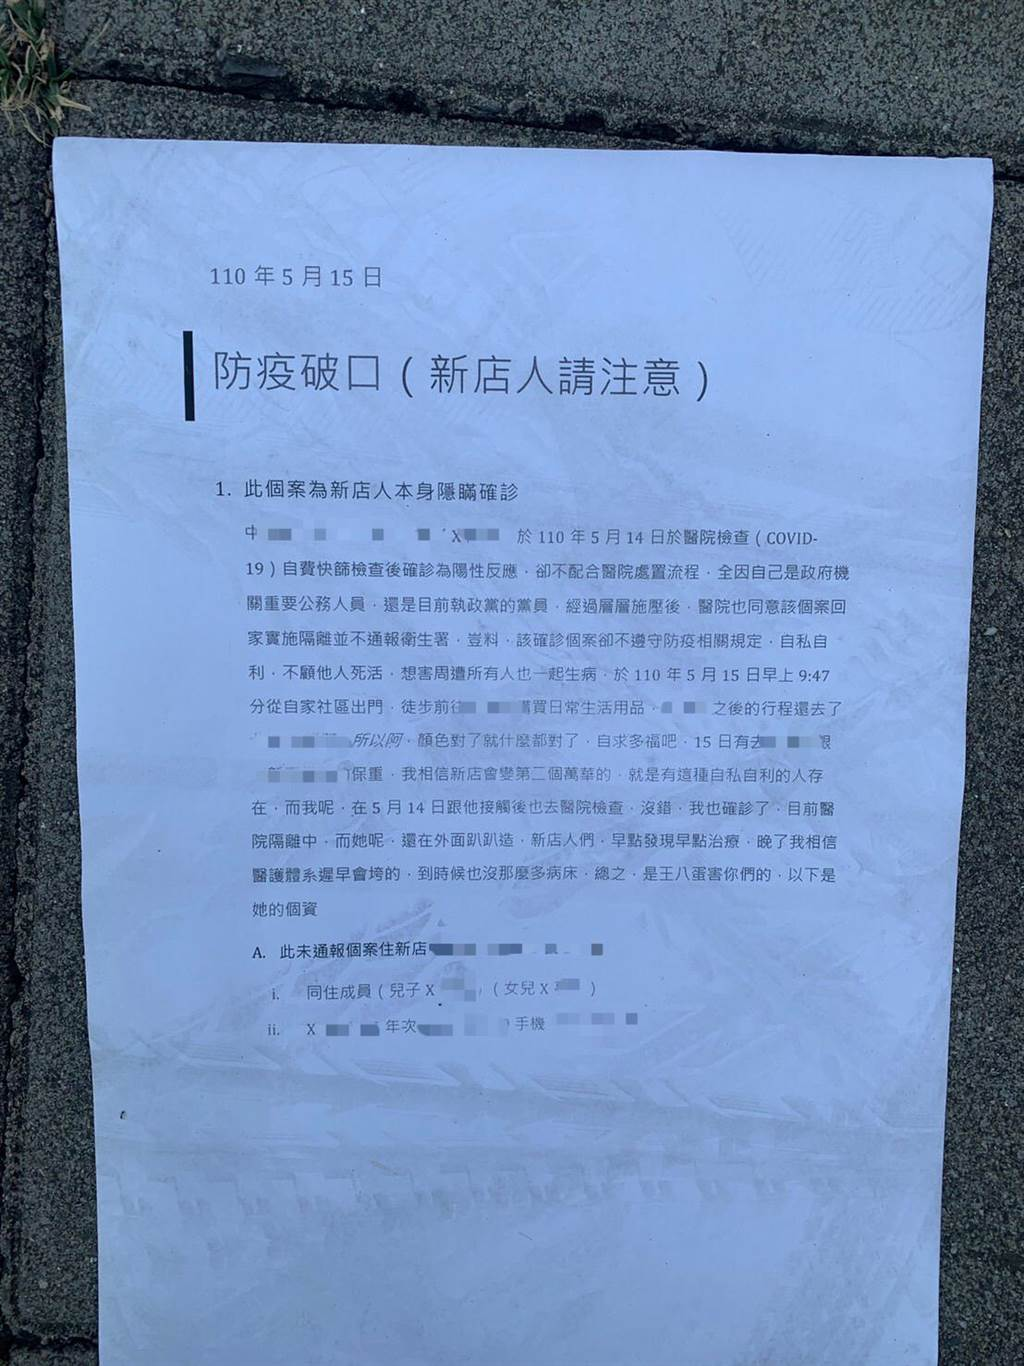 居然有人發傳單散布他人確診趴趴走的假訊息,警方獲報偵辦中。(翻攝畫面)